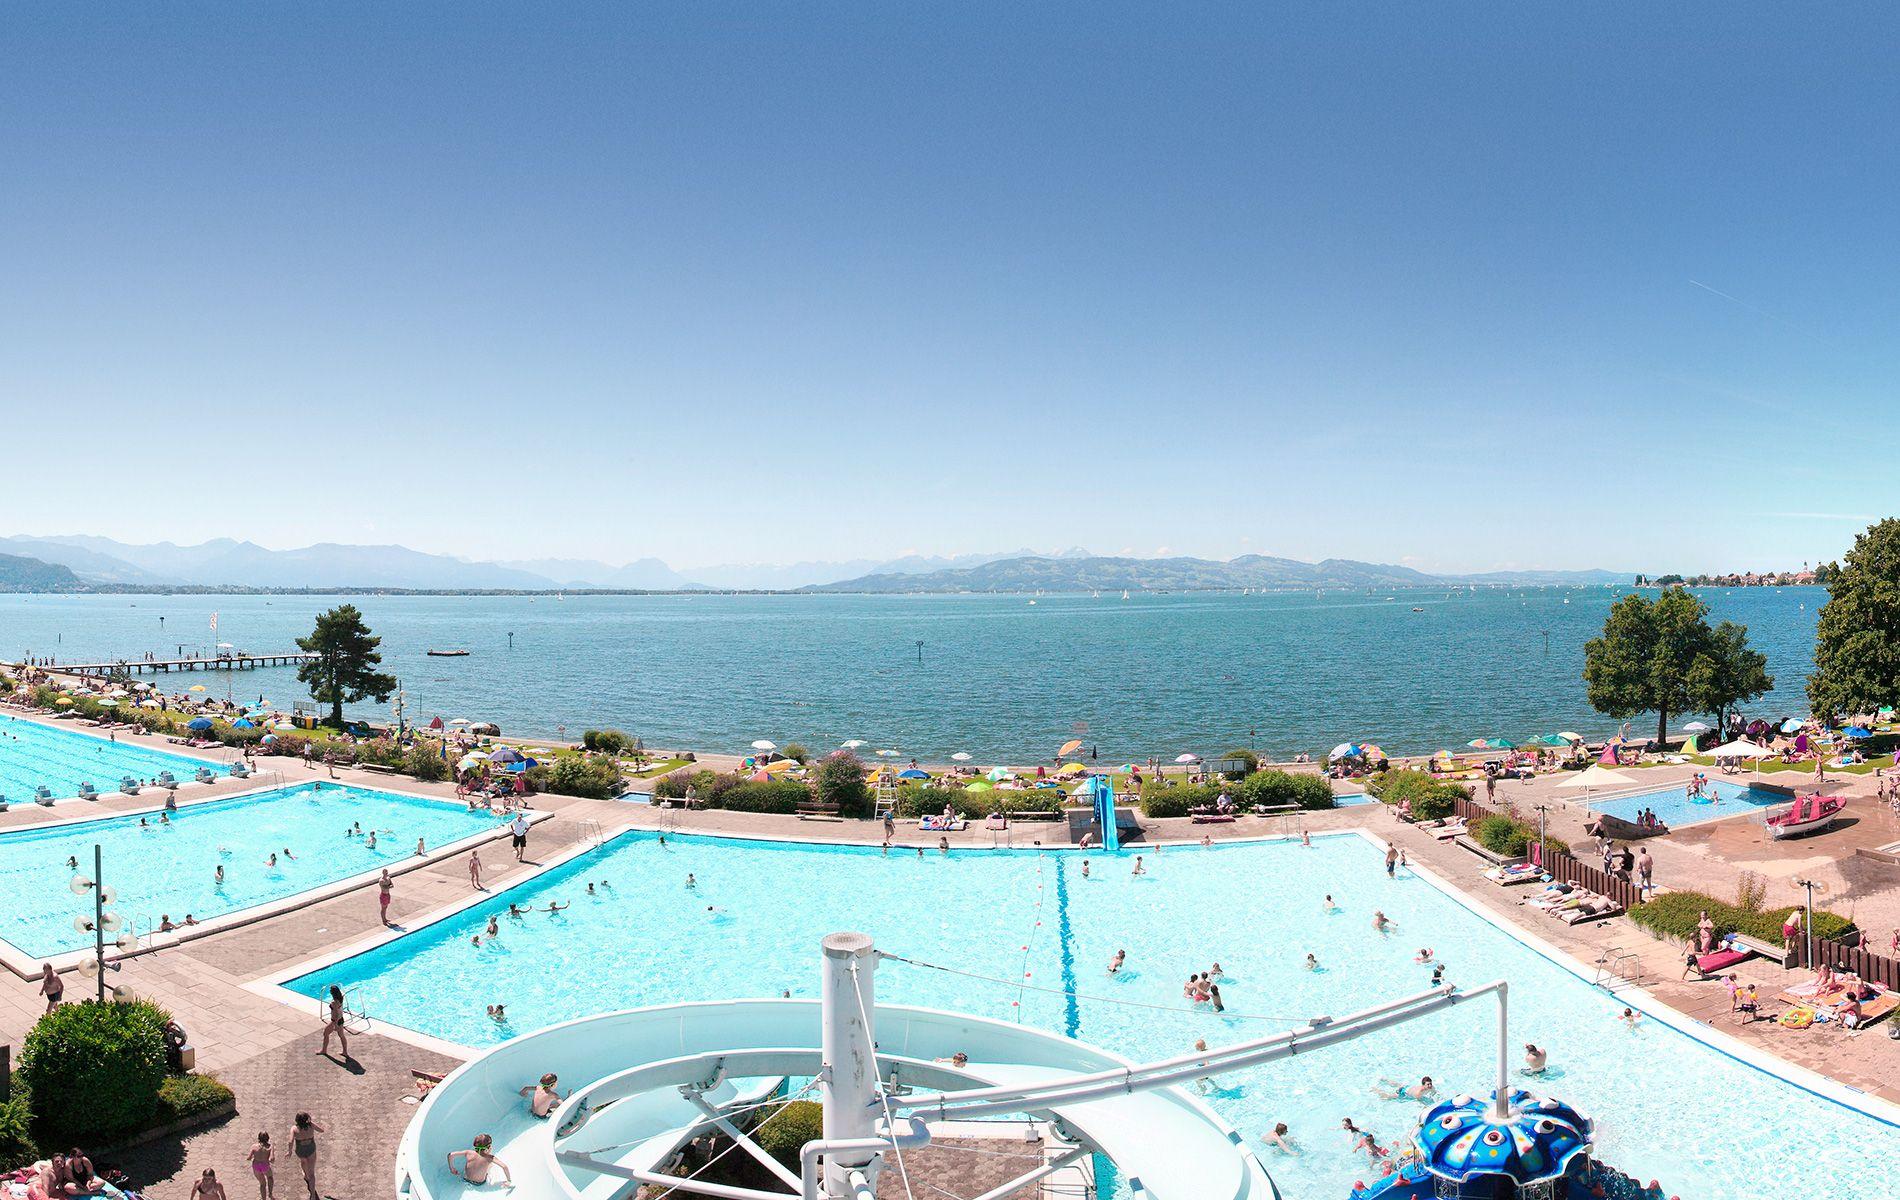 Bestes Schwimmbad Uberhaupt Das Strandbad Eichwald Ist Die Grosste